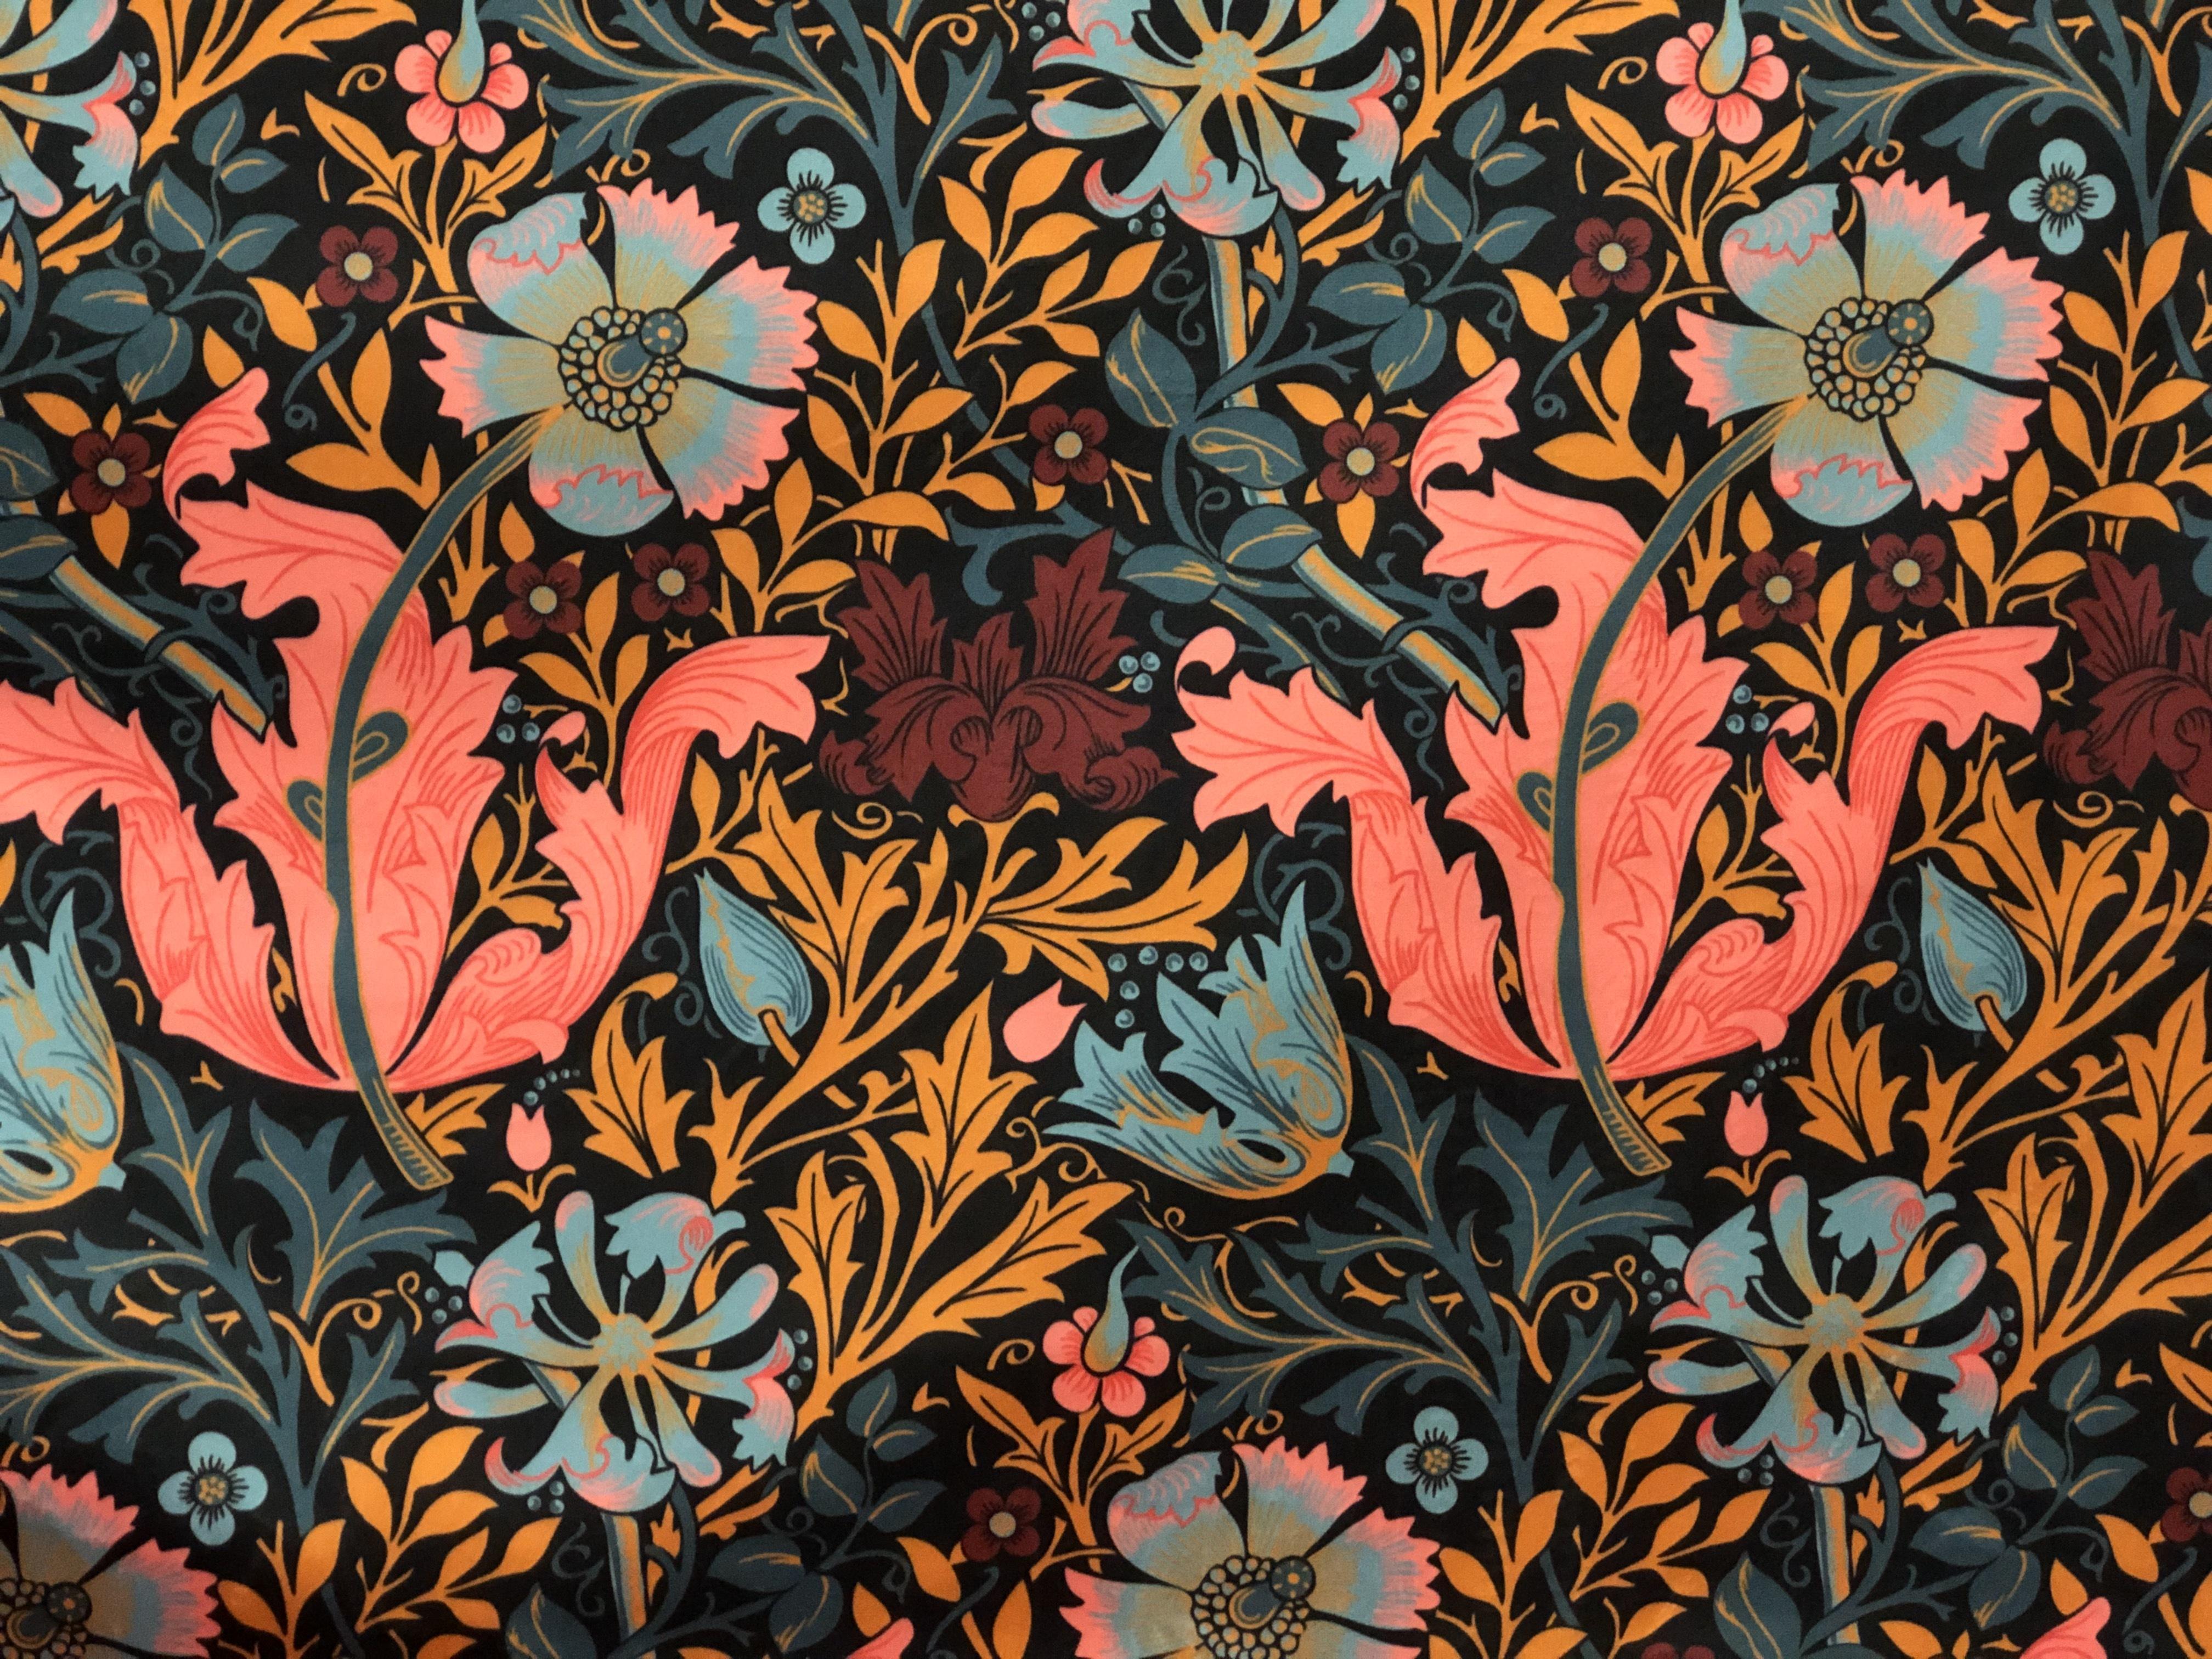 Upholstery Floral Velvet Crush Fabric